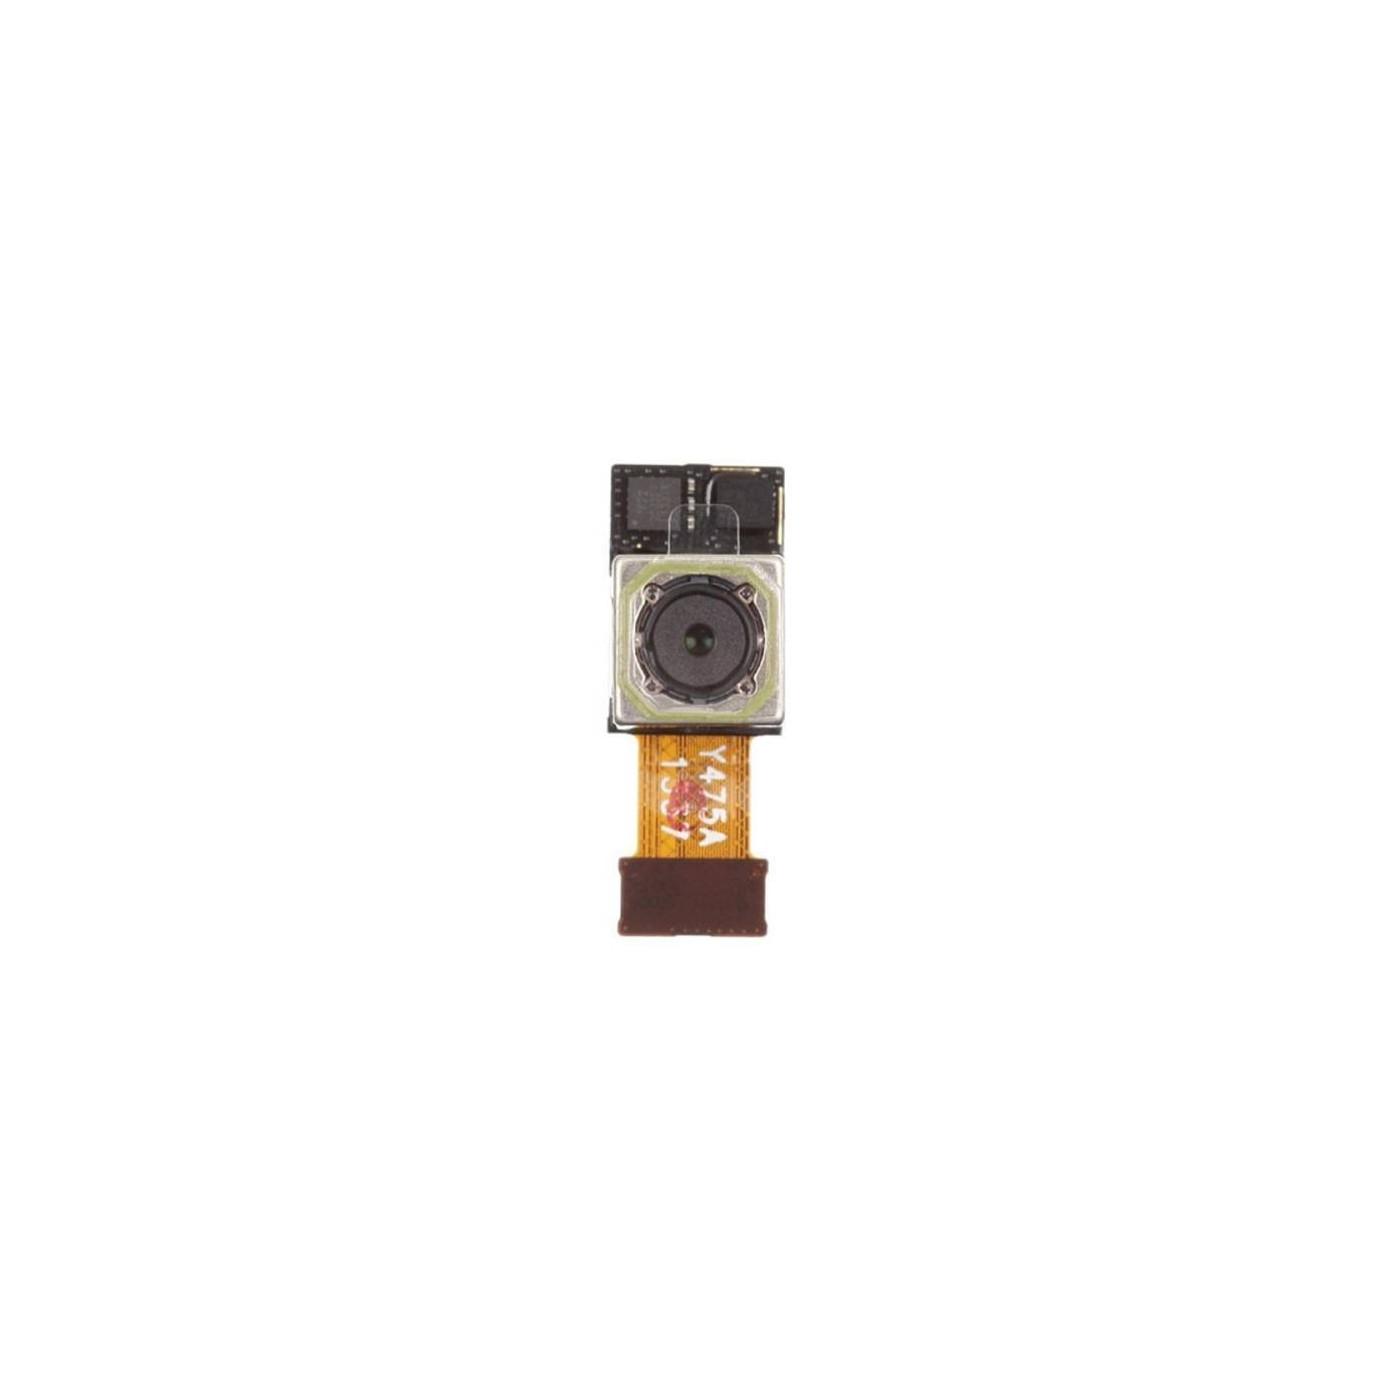 Caméra arrière pour Google Nexus 5 D820 - D821 en arrière derrière le remplacement de flex à plat